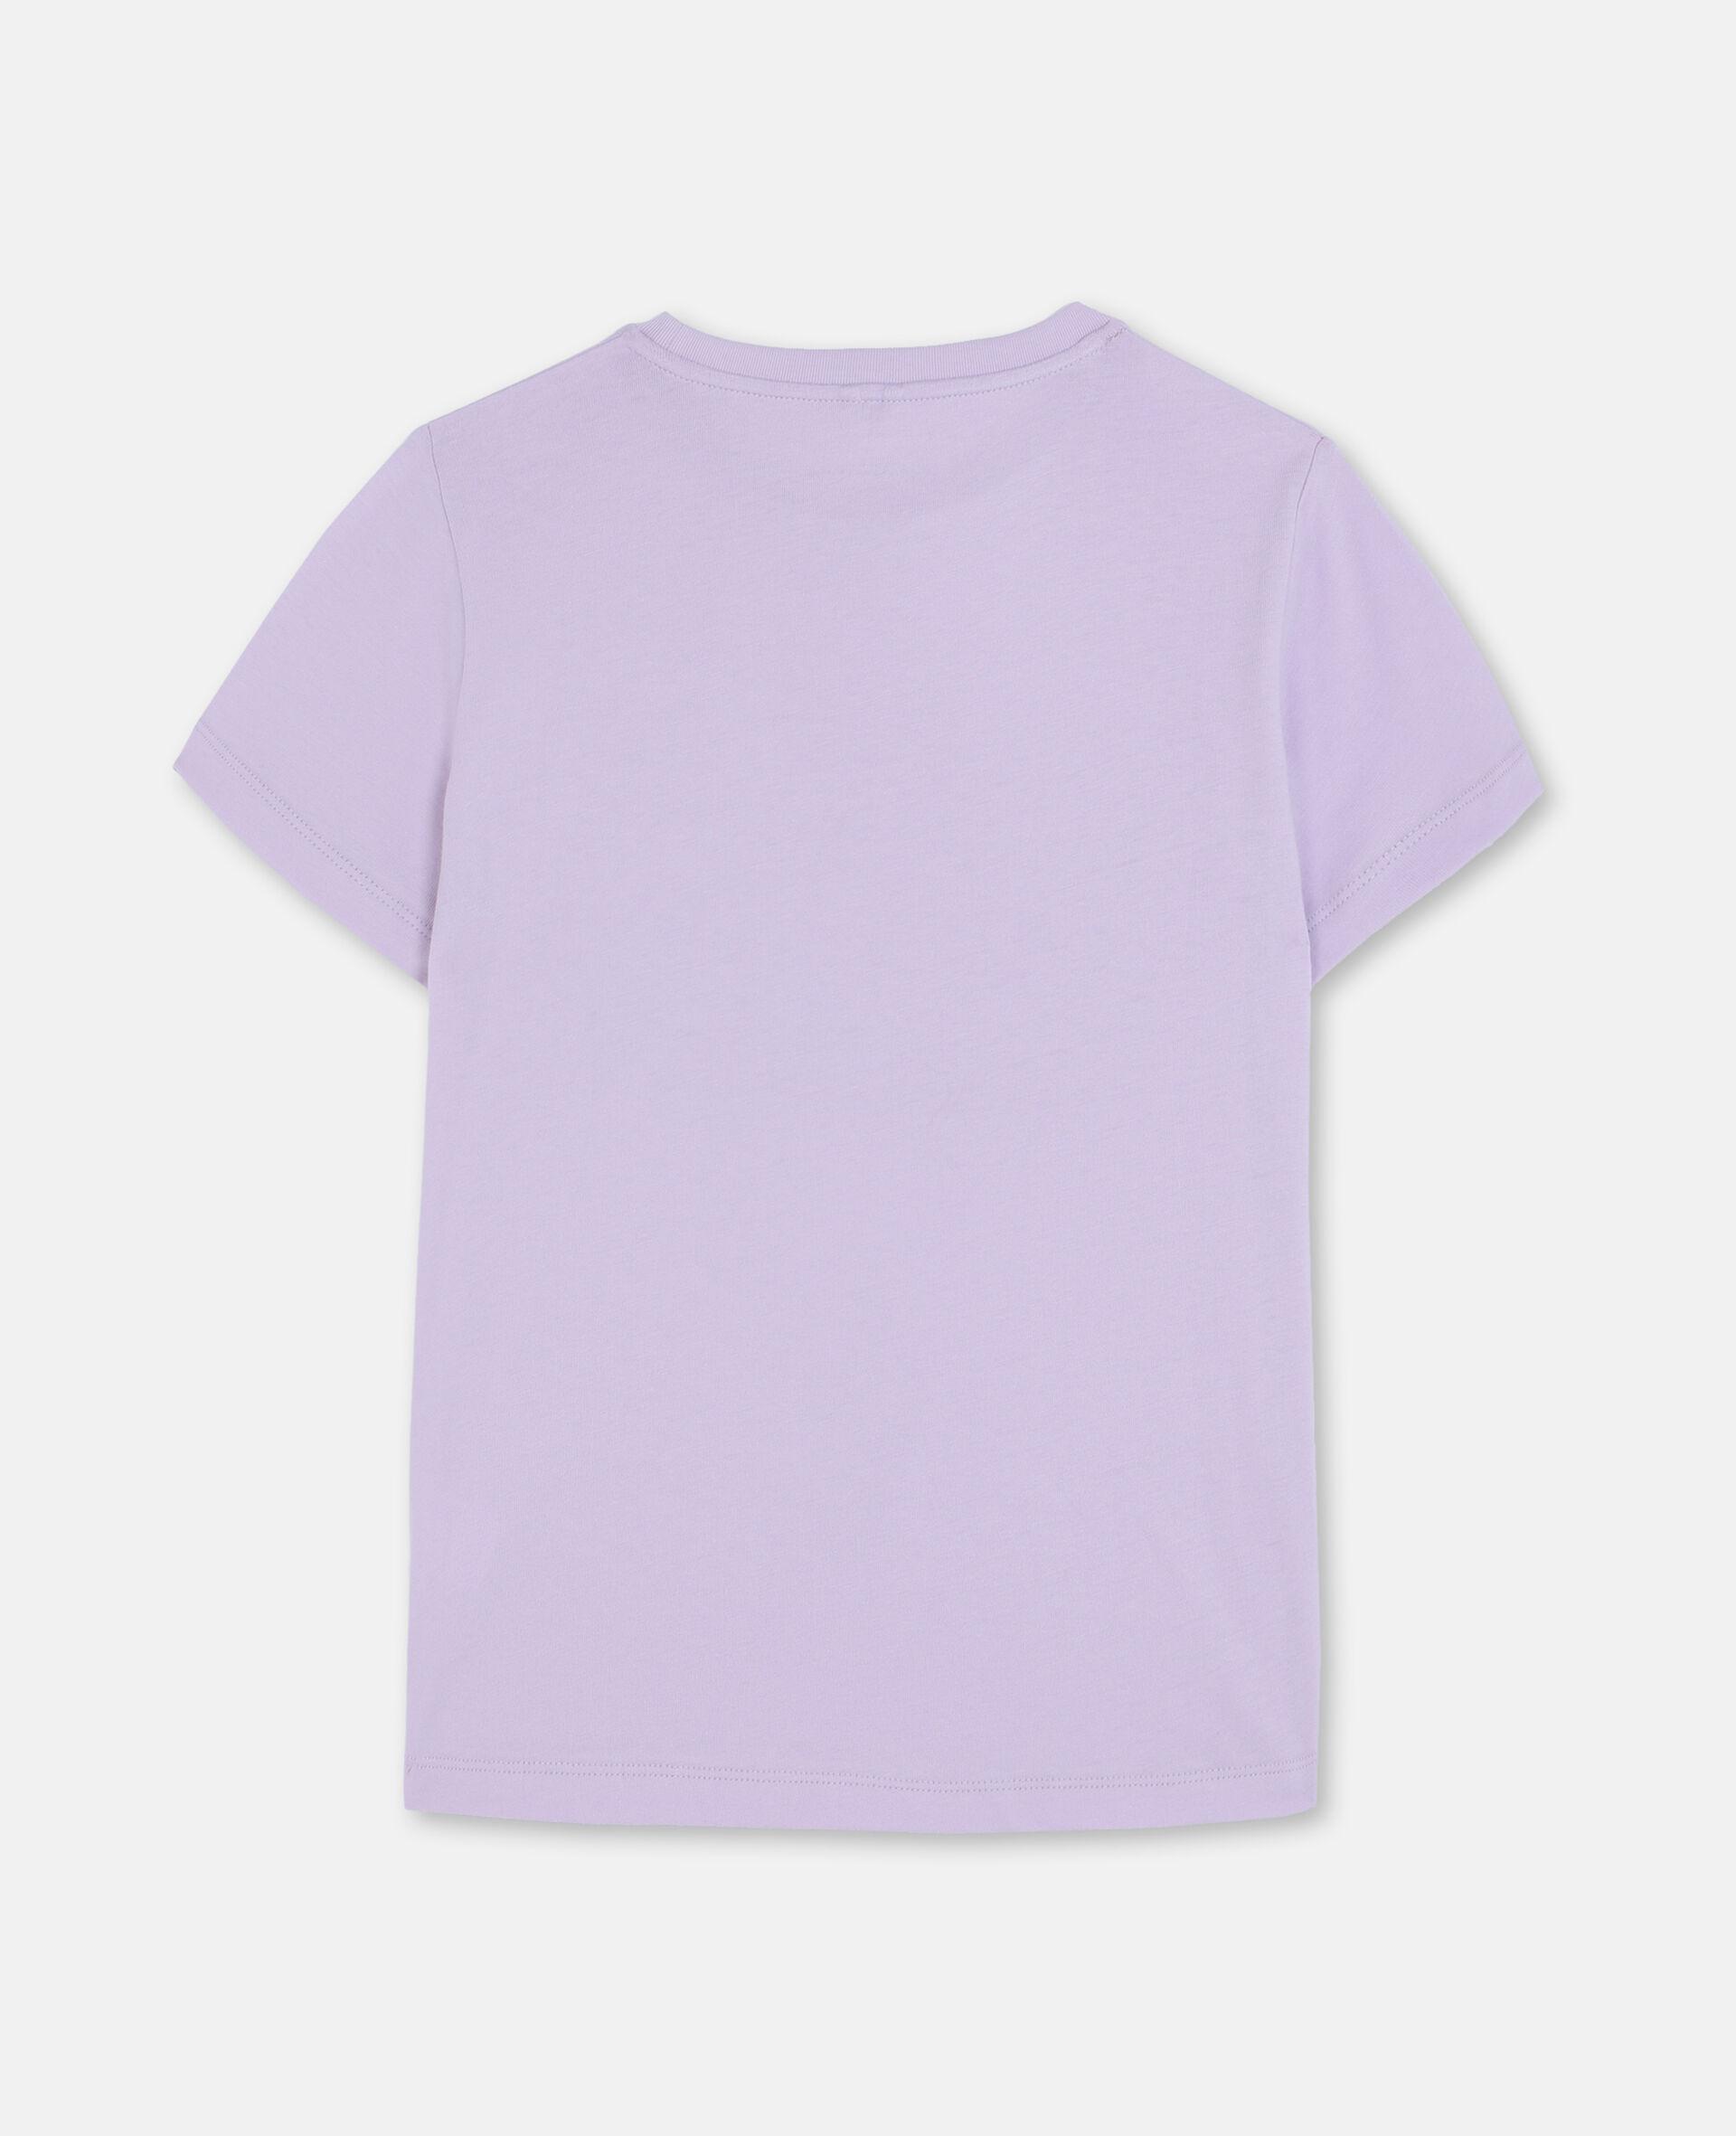 Trompe-L'Oeil Flamingo Cotton T-shirt-Pink-large image number 3